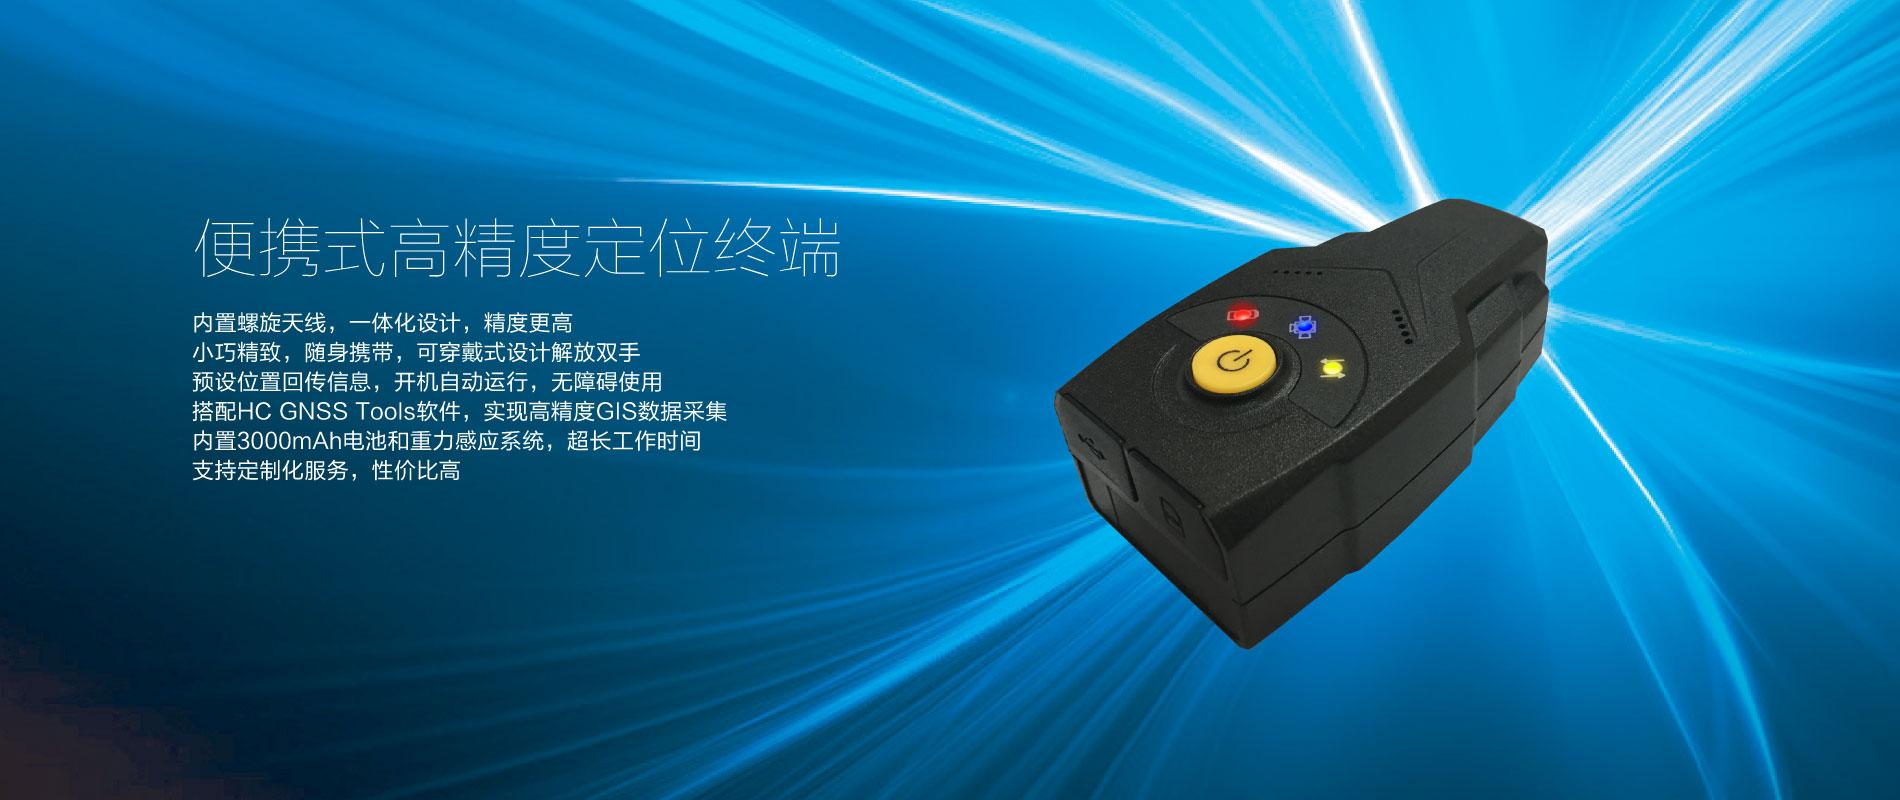 華測導航BX2便攜式高精度定位終端,一體化設計,精度更高,小巧精緻,可穿戴式攜帶,支持定制化服務,性價比高